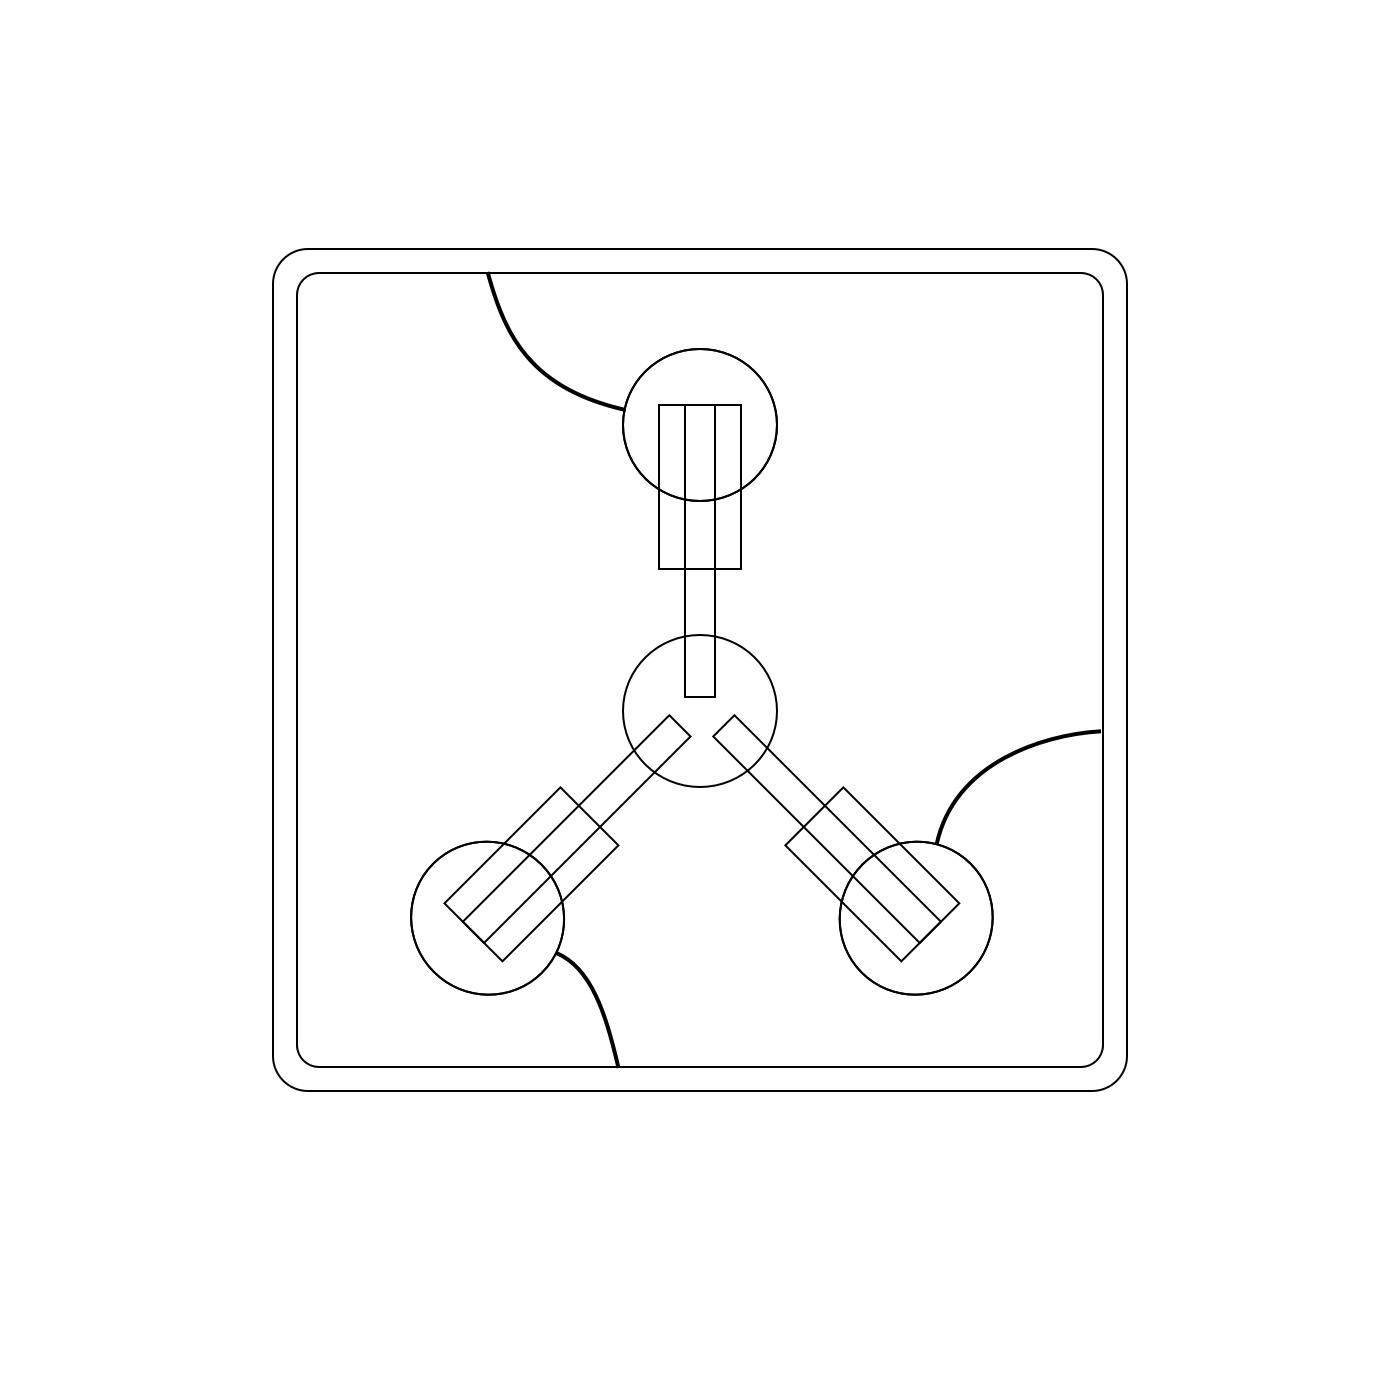 Flux Capacitor+